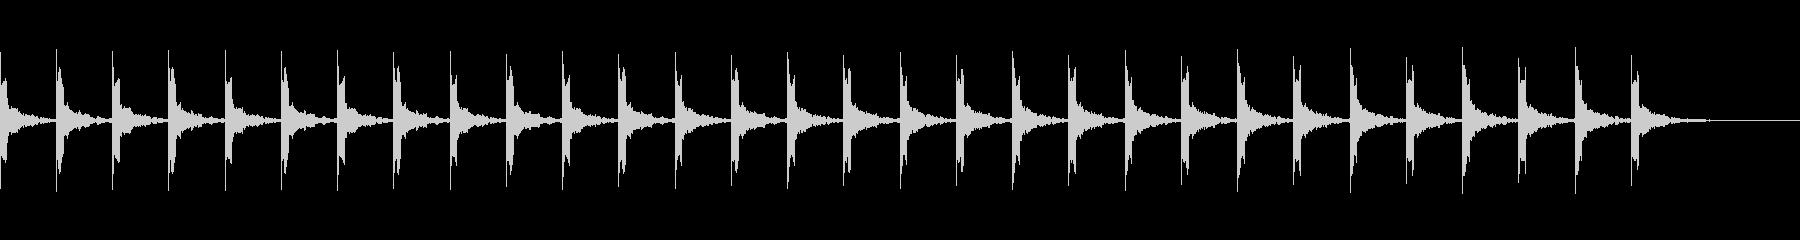 カウント30秒シンプル ピッピ の未再生の波形